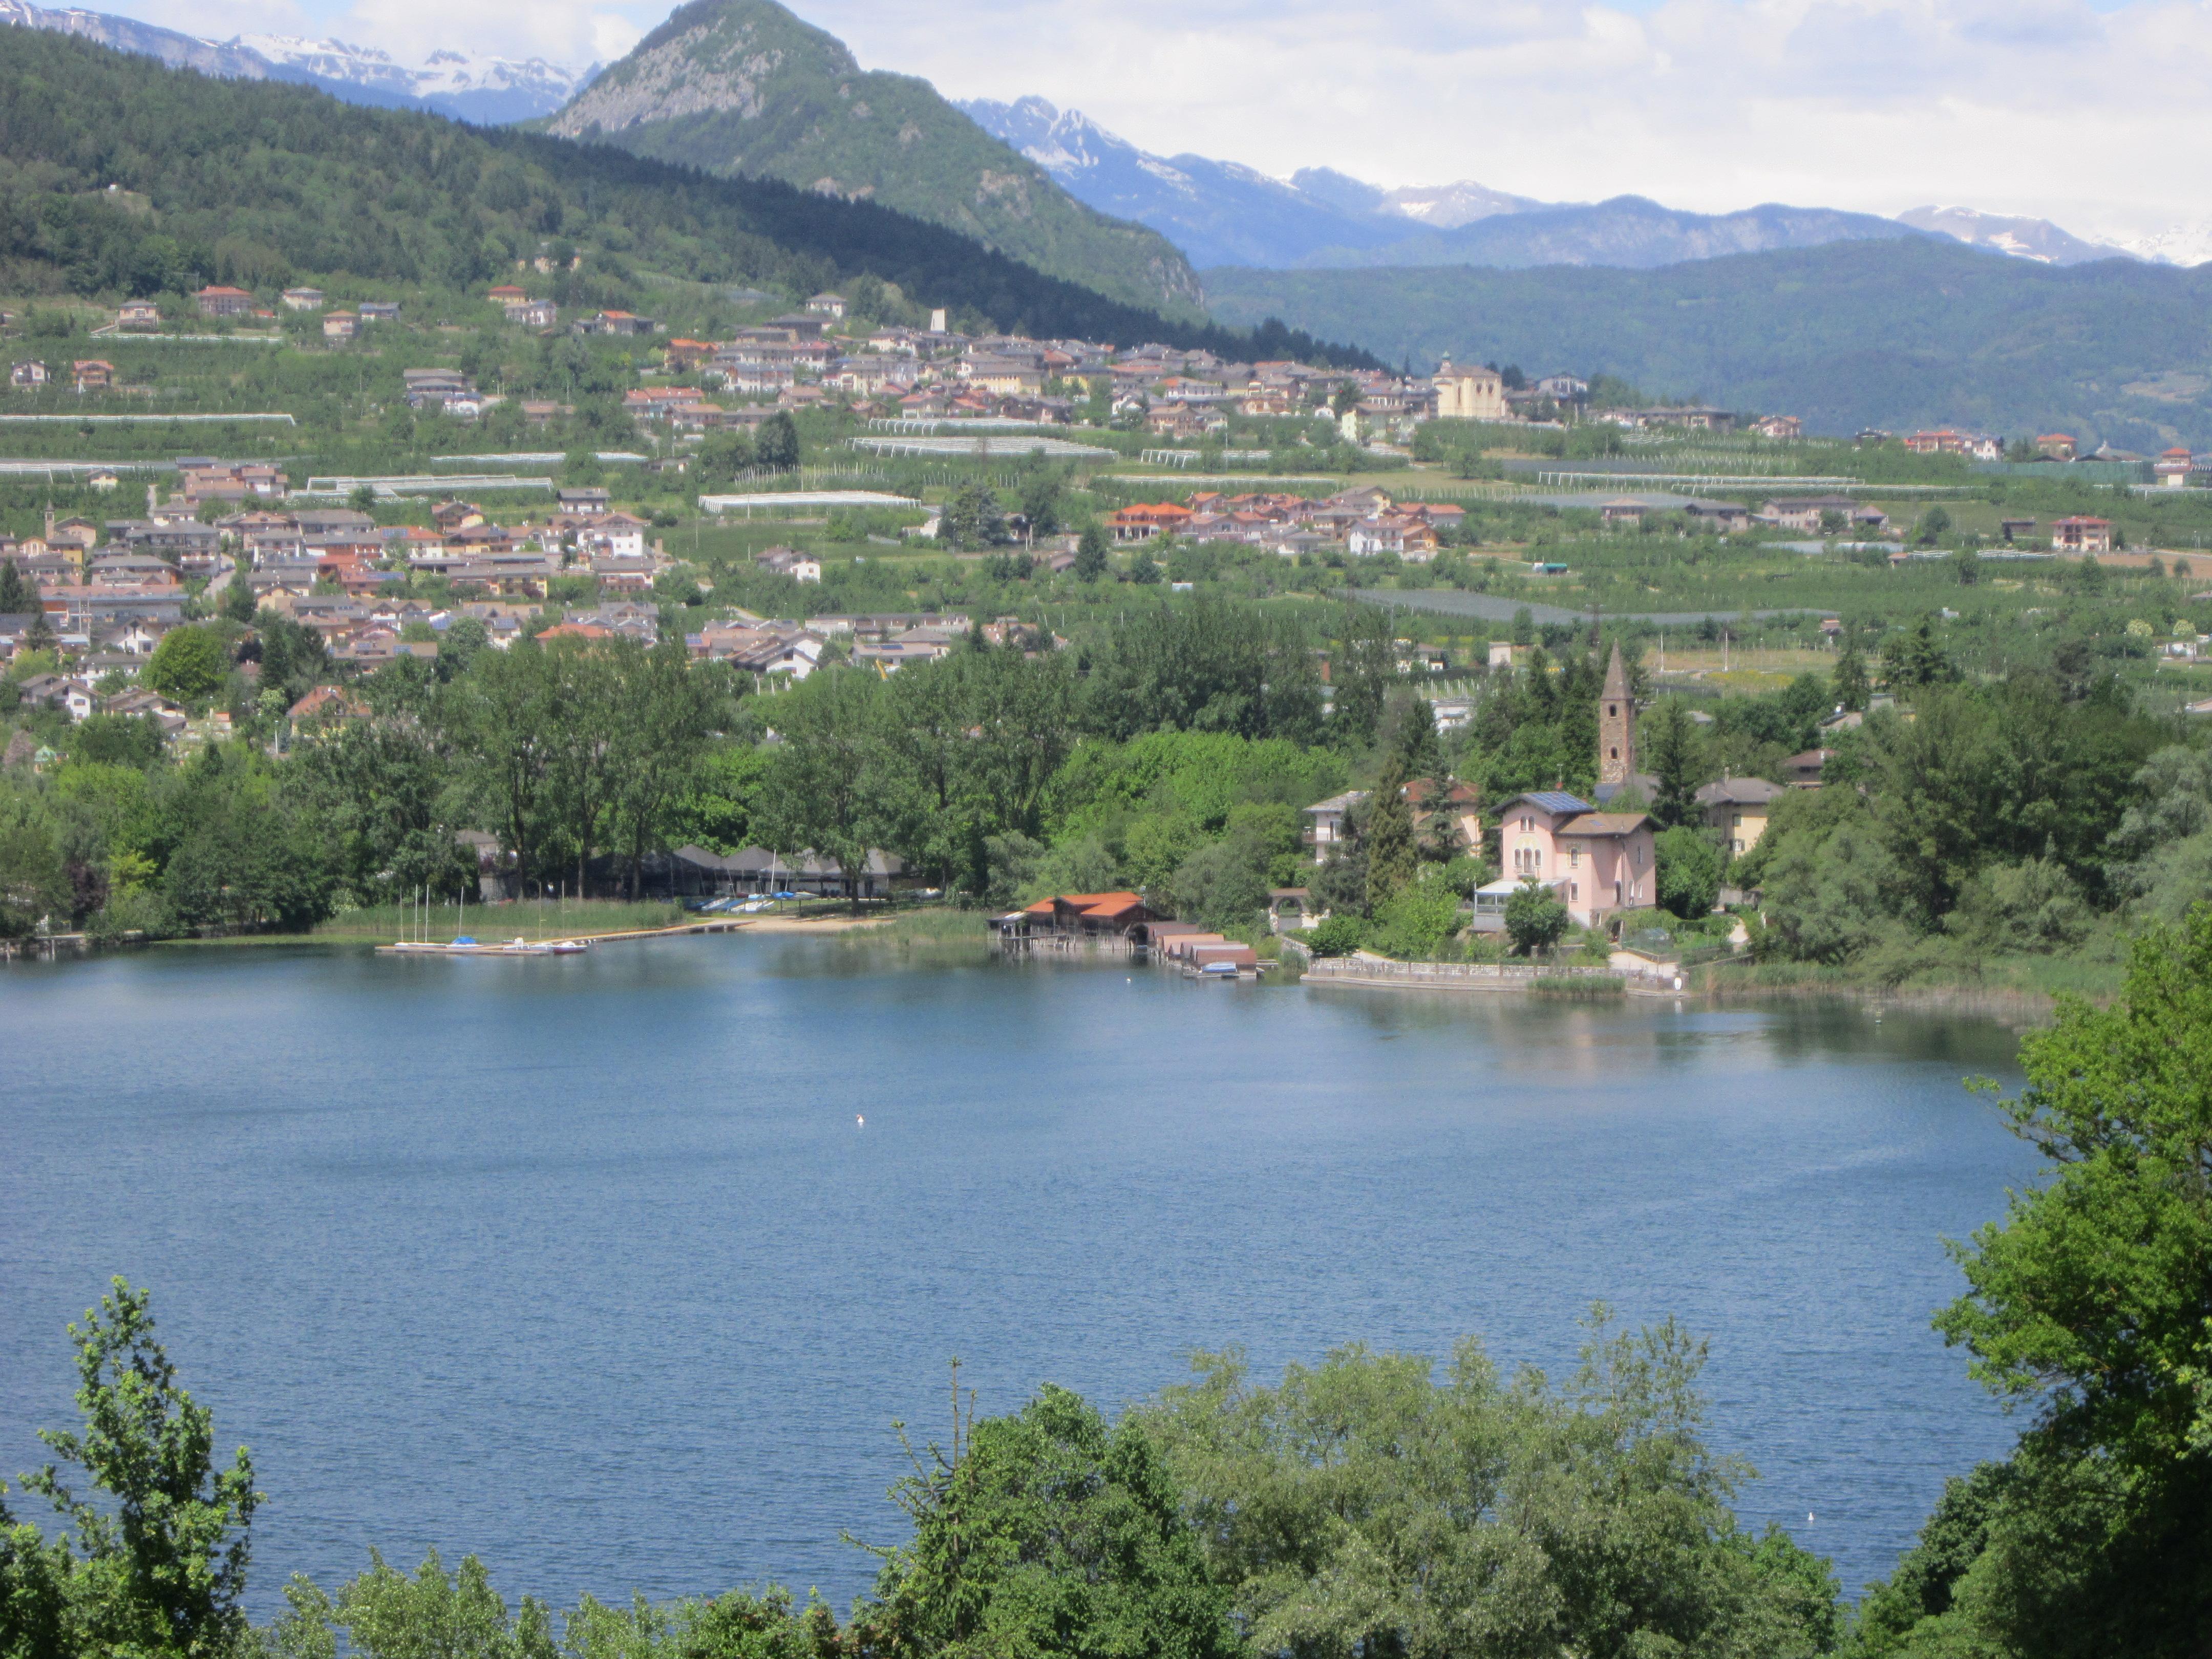 Apartment Lake Caldonazzo 1 Cottages For Rent In Pergine Valsugana Trentino Alto Adige Italy